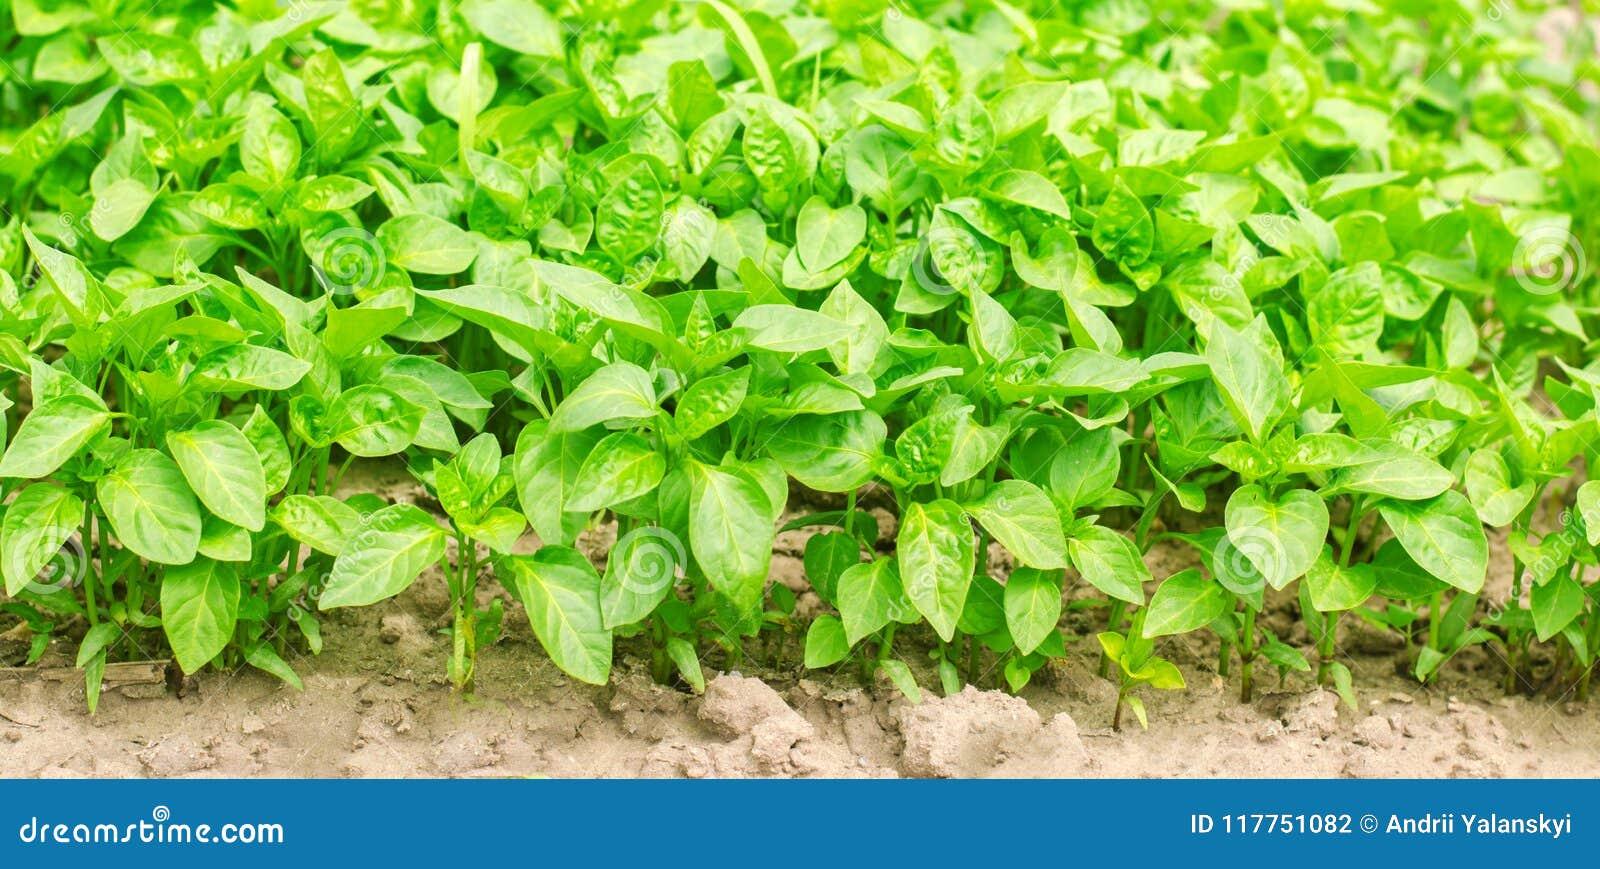 Les jeunes plantes de poivron vert en serre chaude, préparent pour la greffe dans le domaine, cultivant, agriculture, légumes, qu